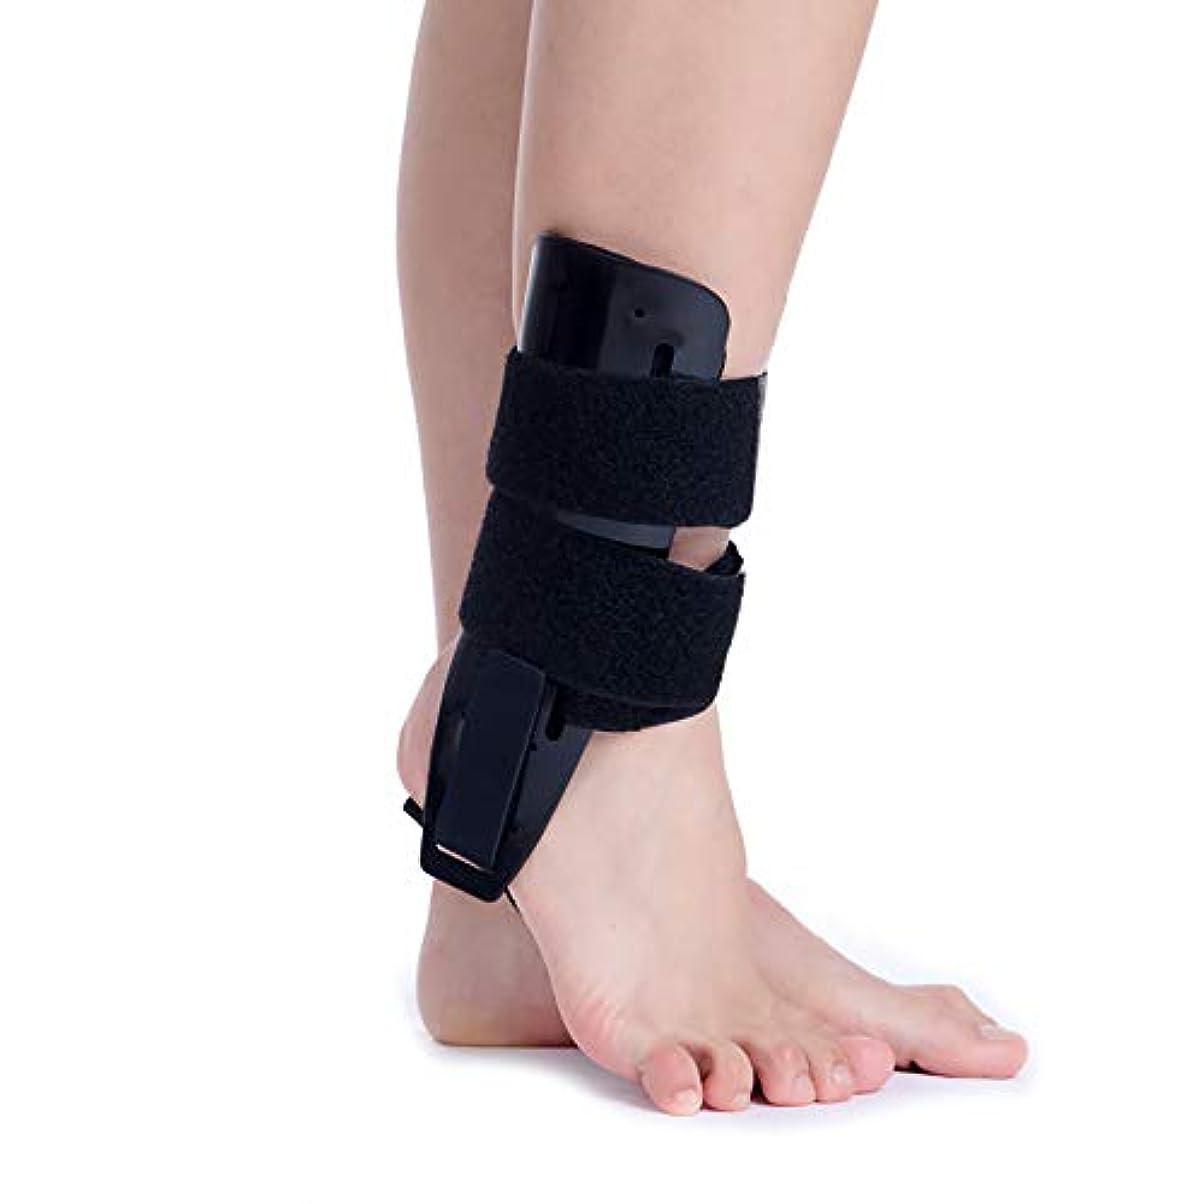 窓を洗う交通うなずく足底筋膜炎足副木、ドロップフット、かかとの痛みを軽減するための足の袖と背部の副木のアーチ矯正装具ブレース